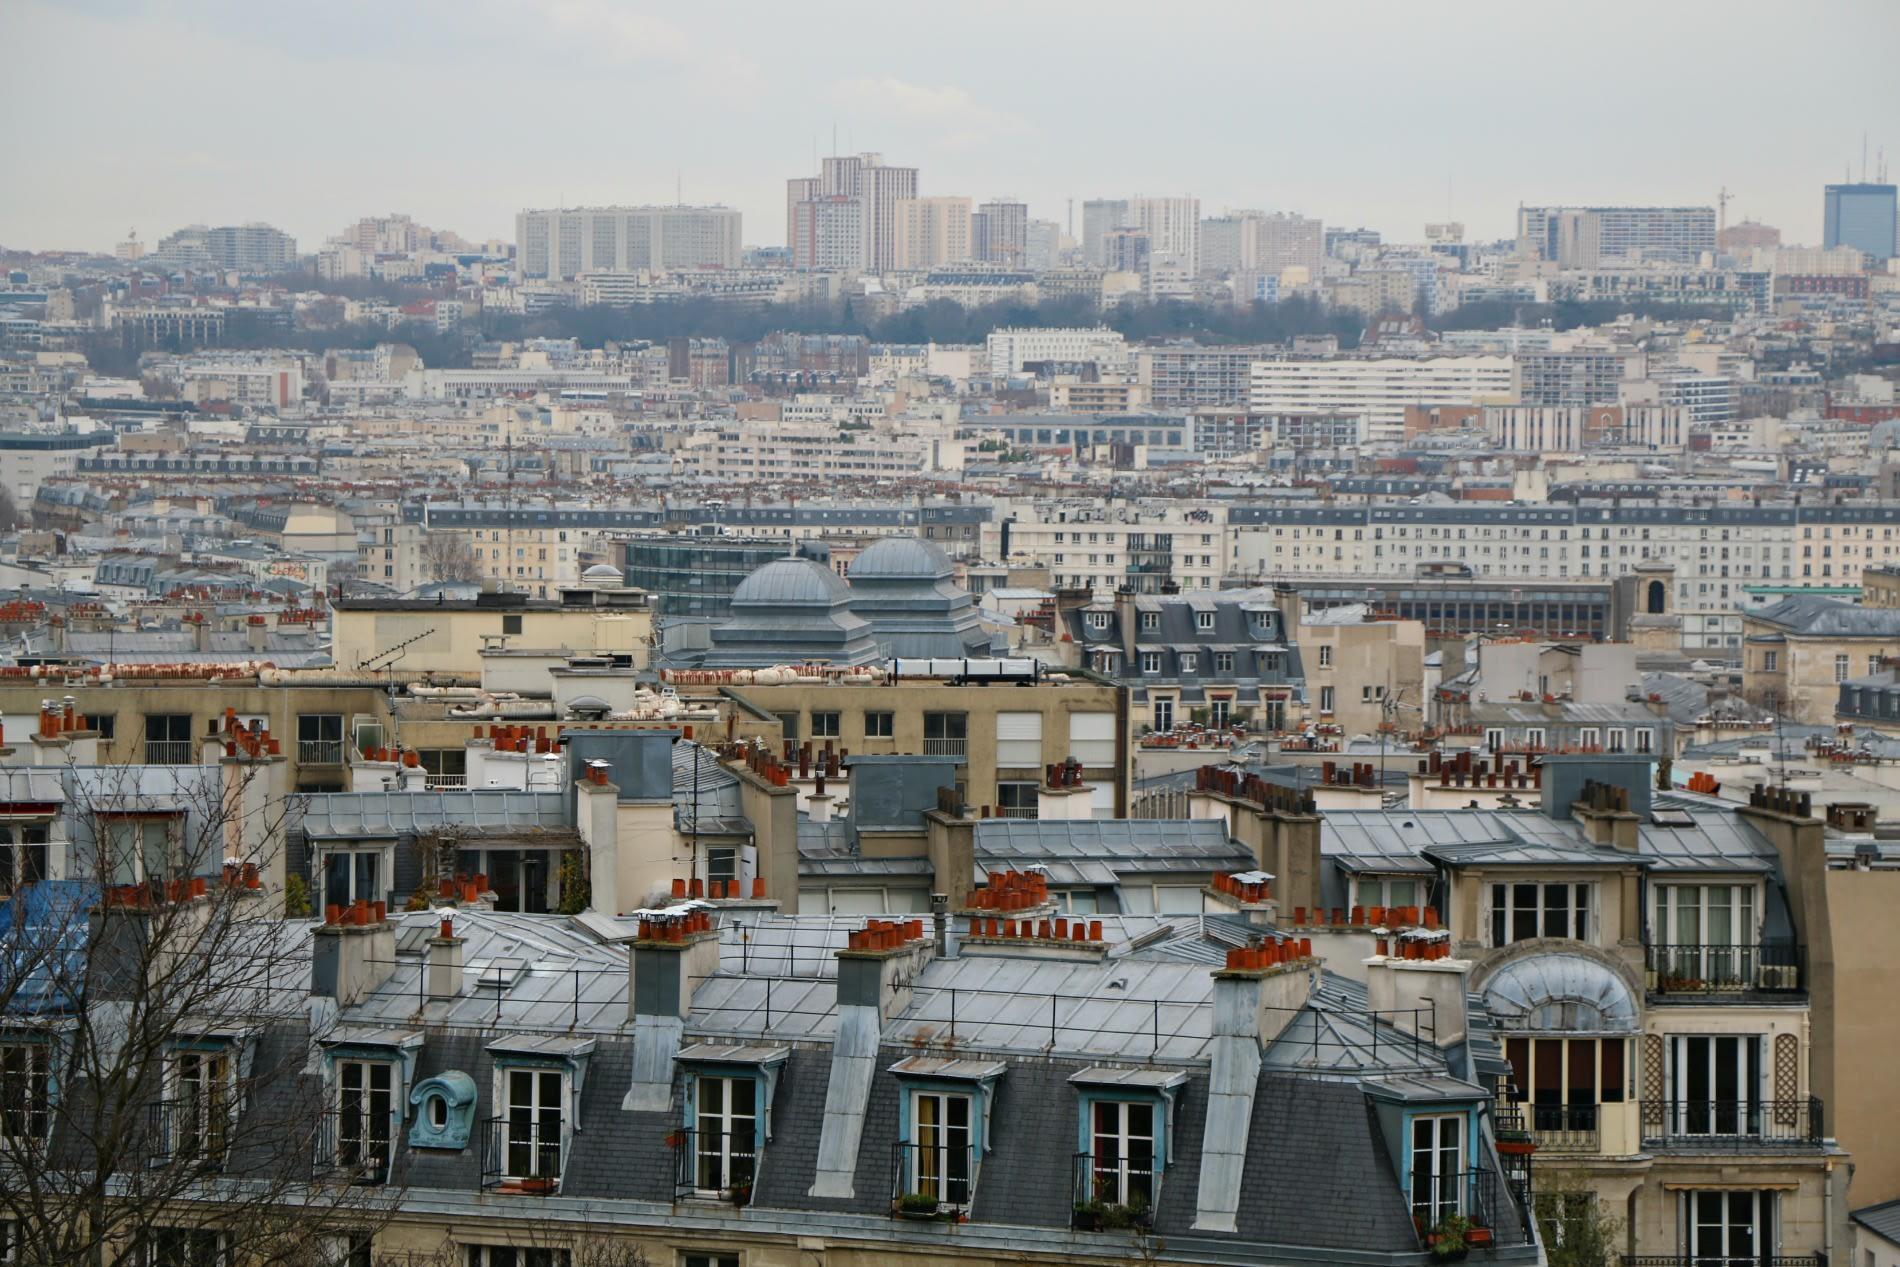 Parigi, panorama dall'alto di Montmartre